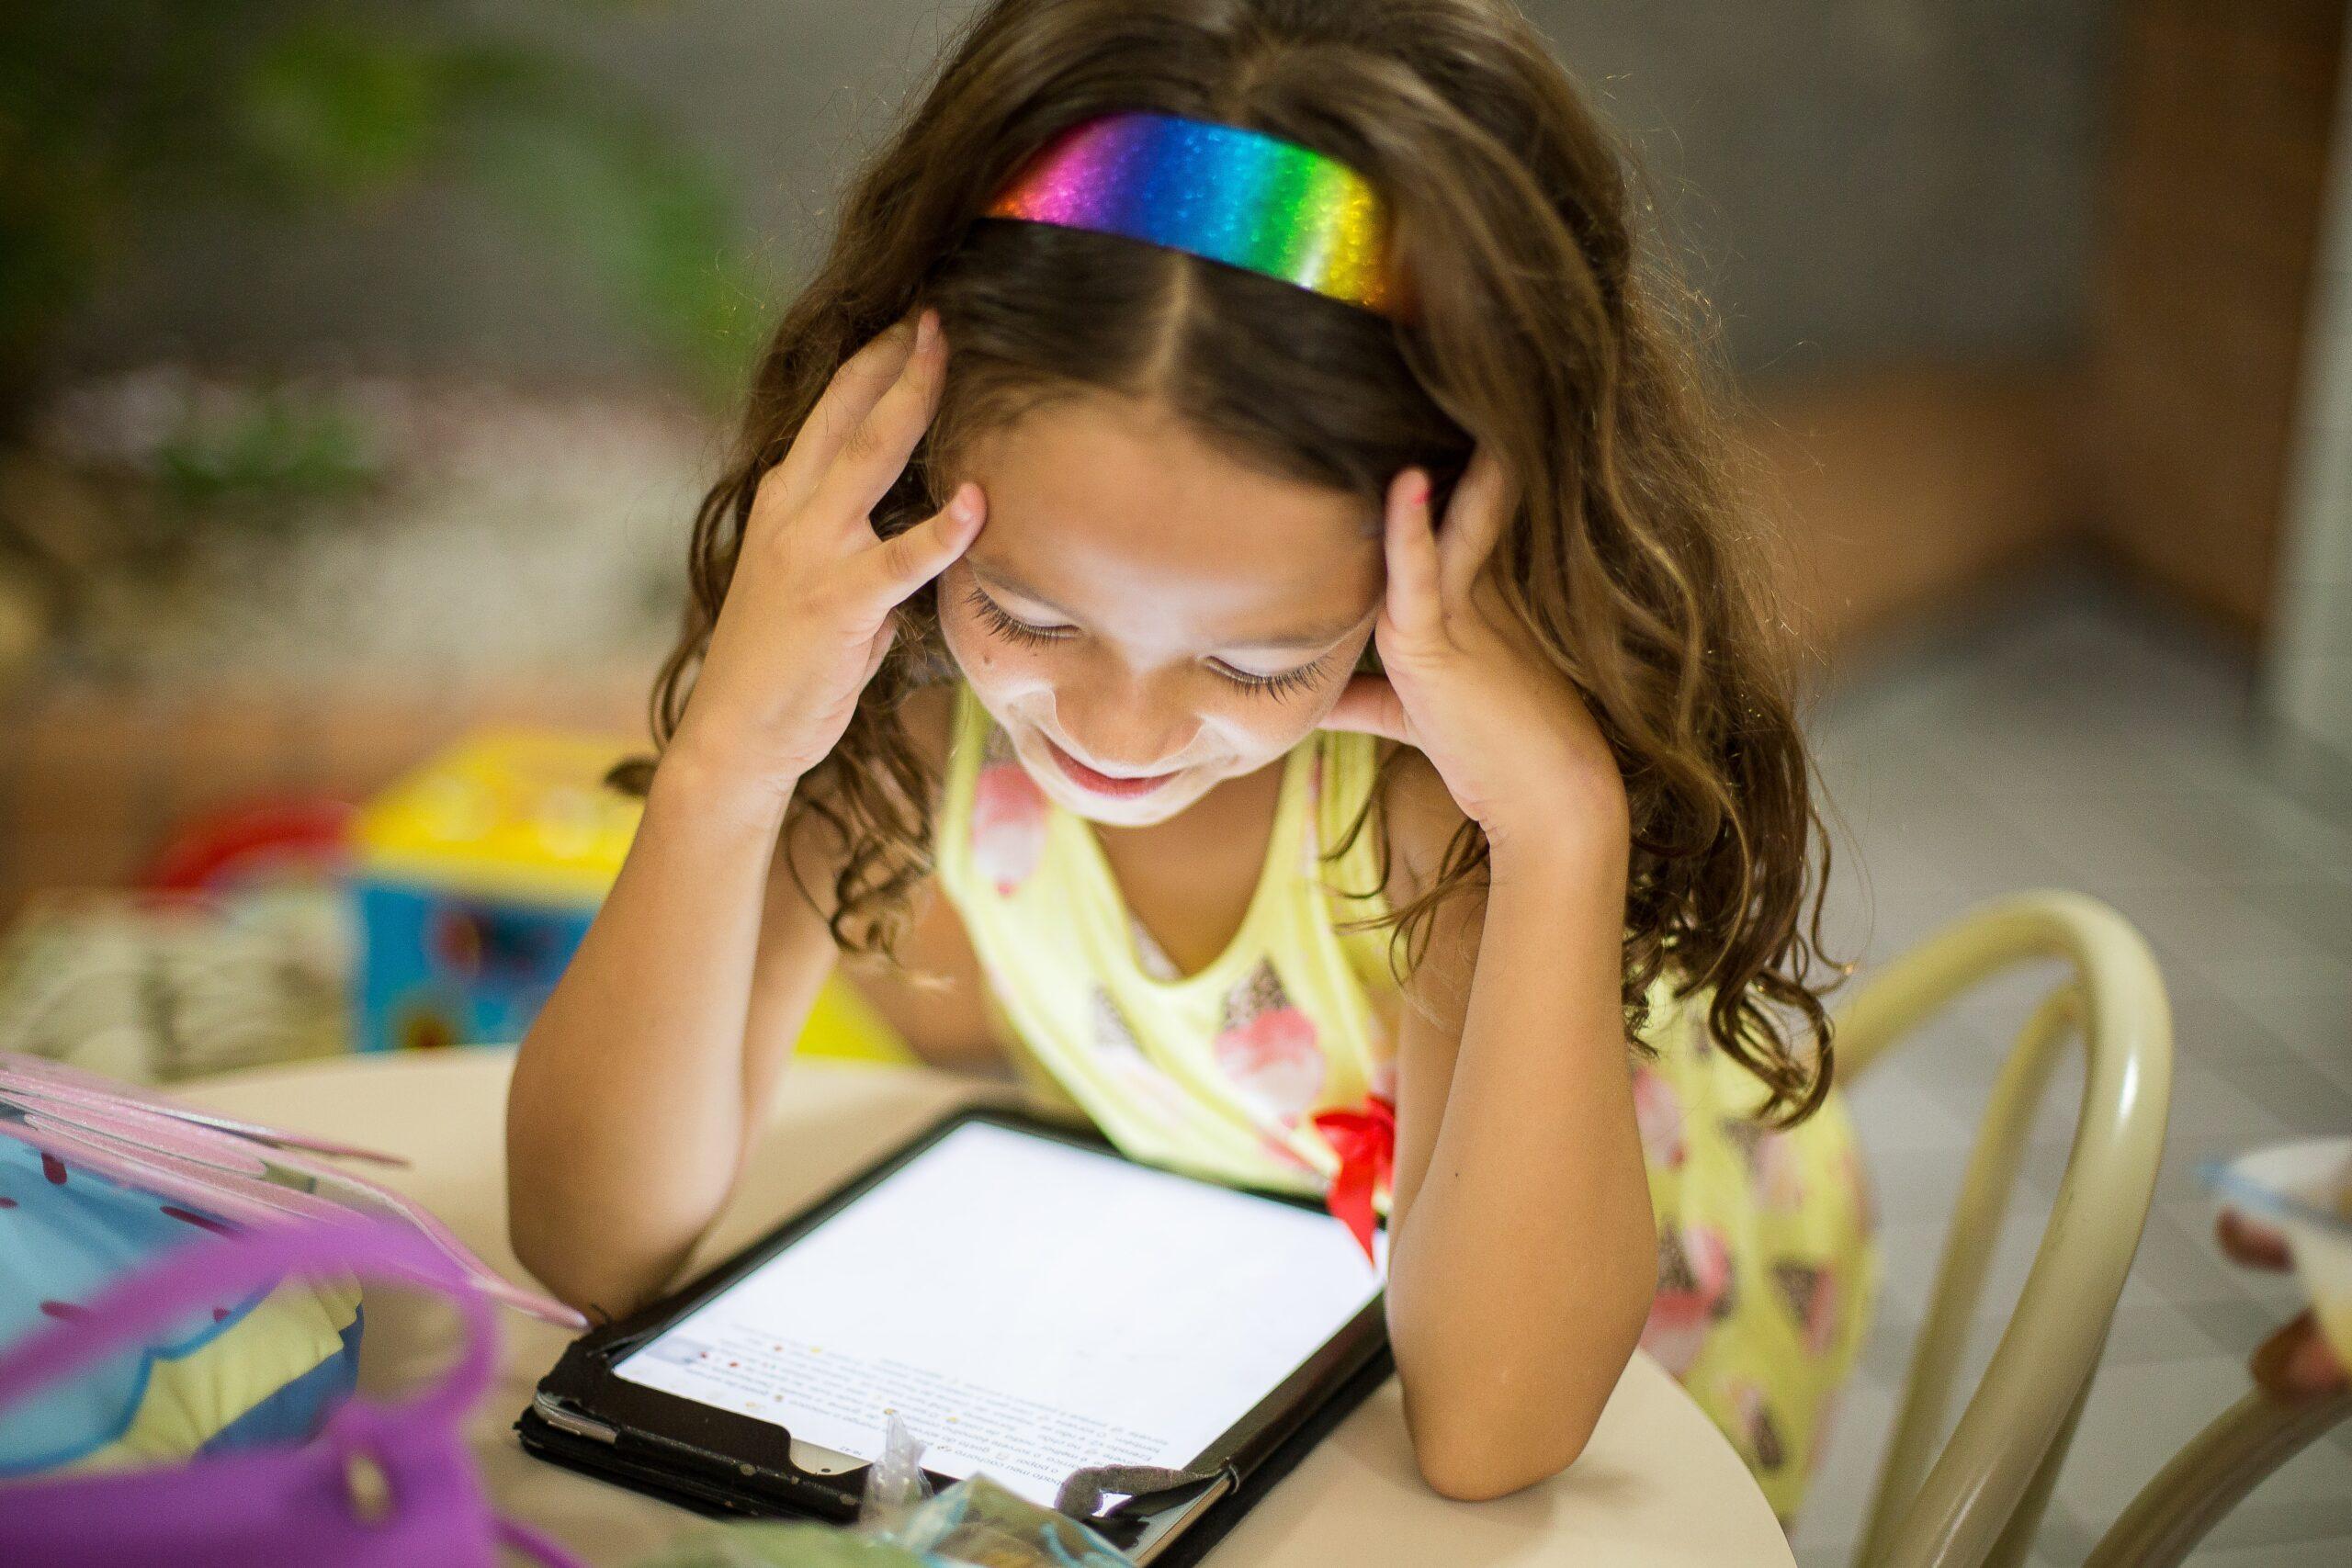 En liten jente med regnbuehårbøyle som ser på et nettbrett